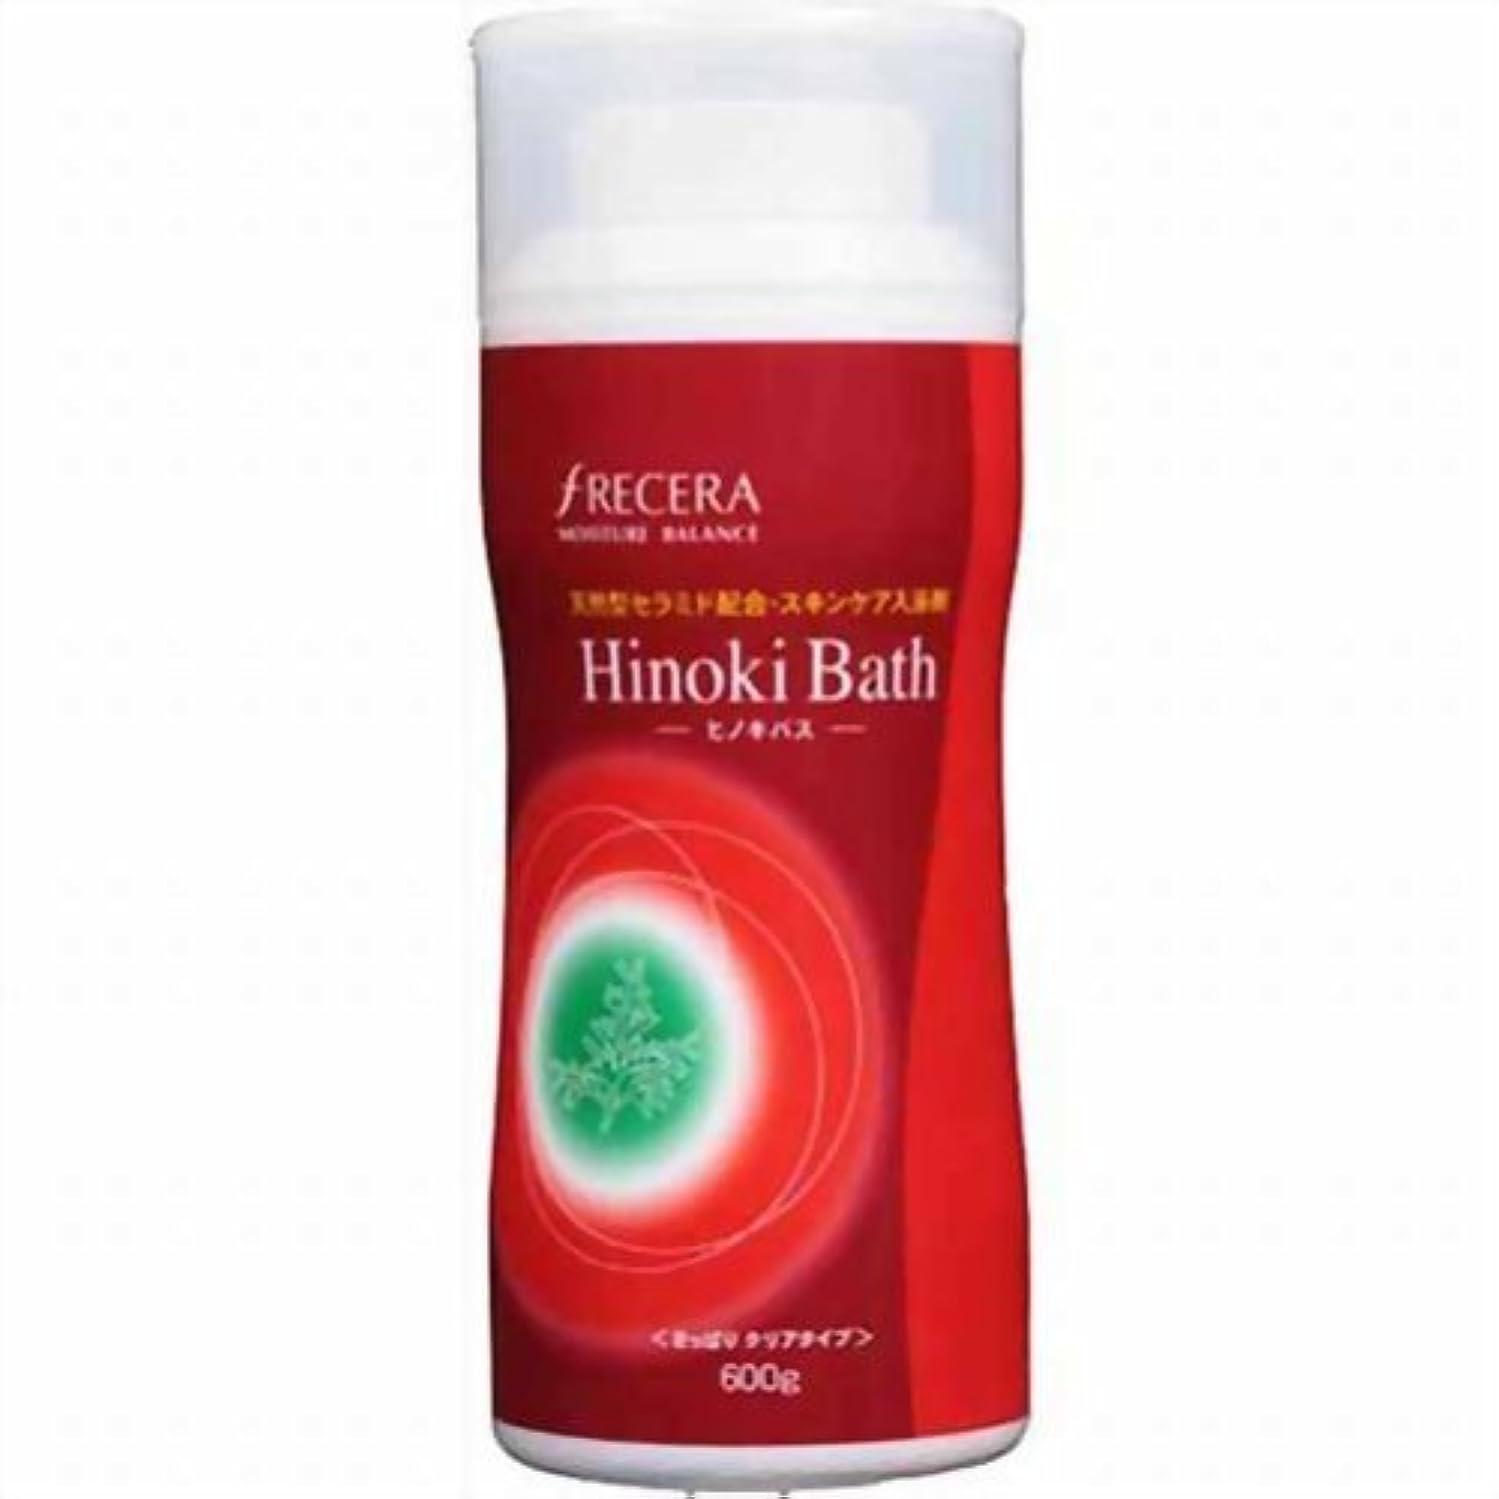 統治する今まで九月フレッセラ セラミド入浴剤 ヒノキバス 600g